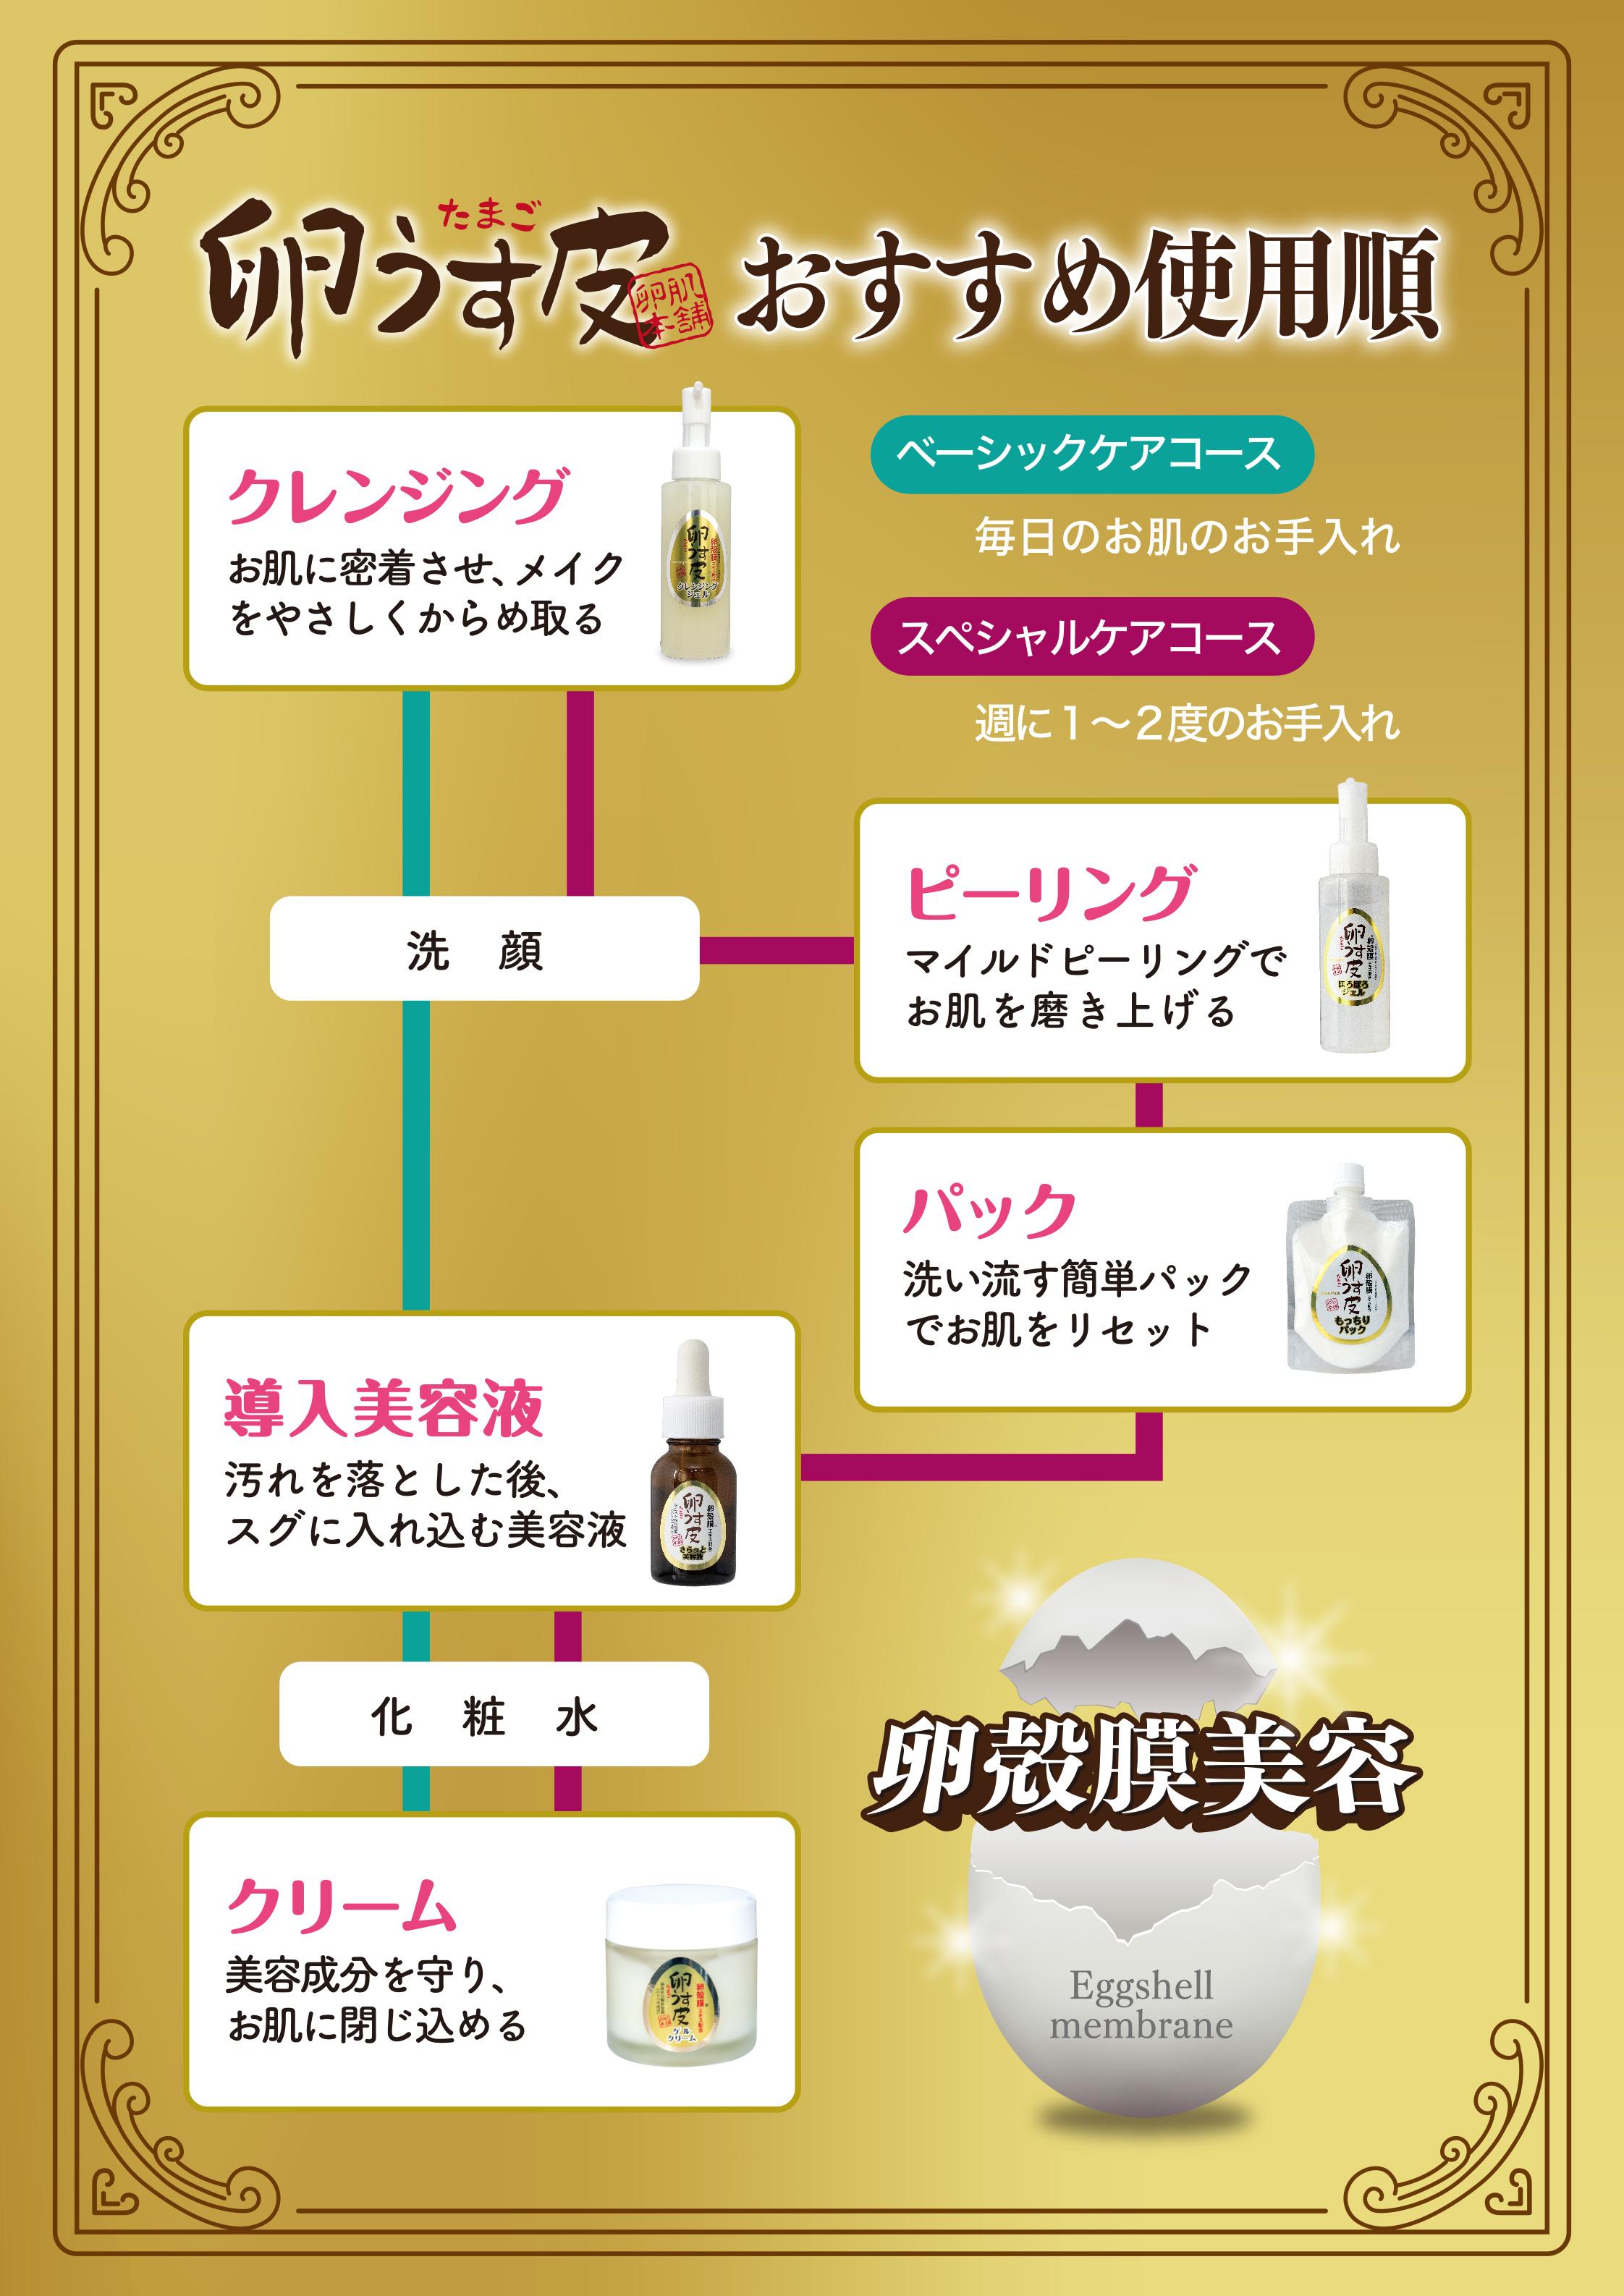 卵うす皮 おすすめ使用準備 ベーシックコース(毎日のお肌のお手入れ)スペシャルコース(週に1、2度のお手入れ)卵殻膜美容方法